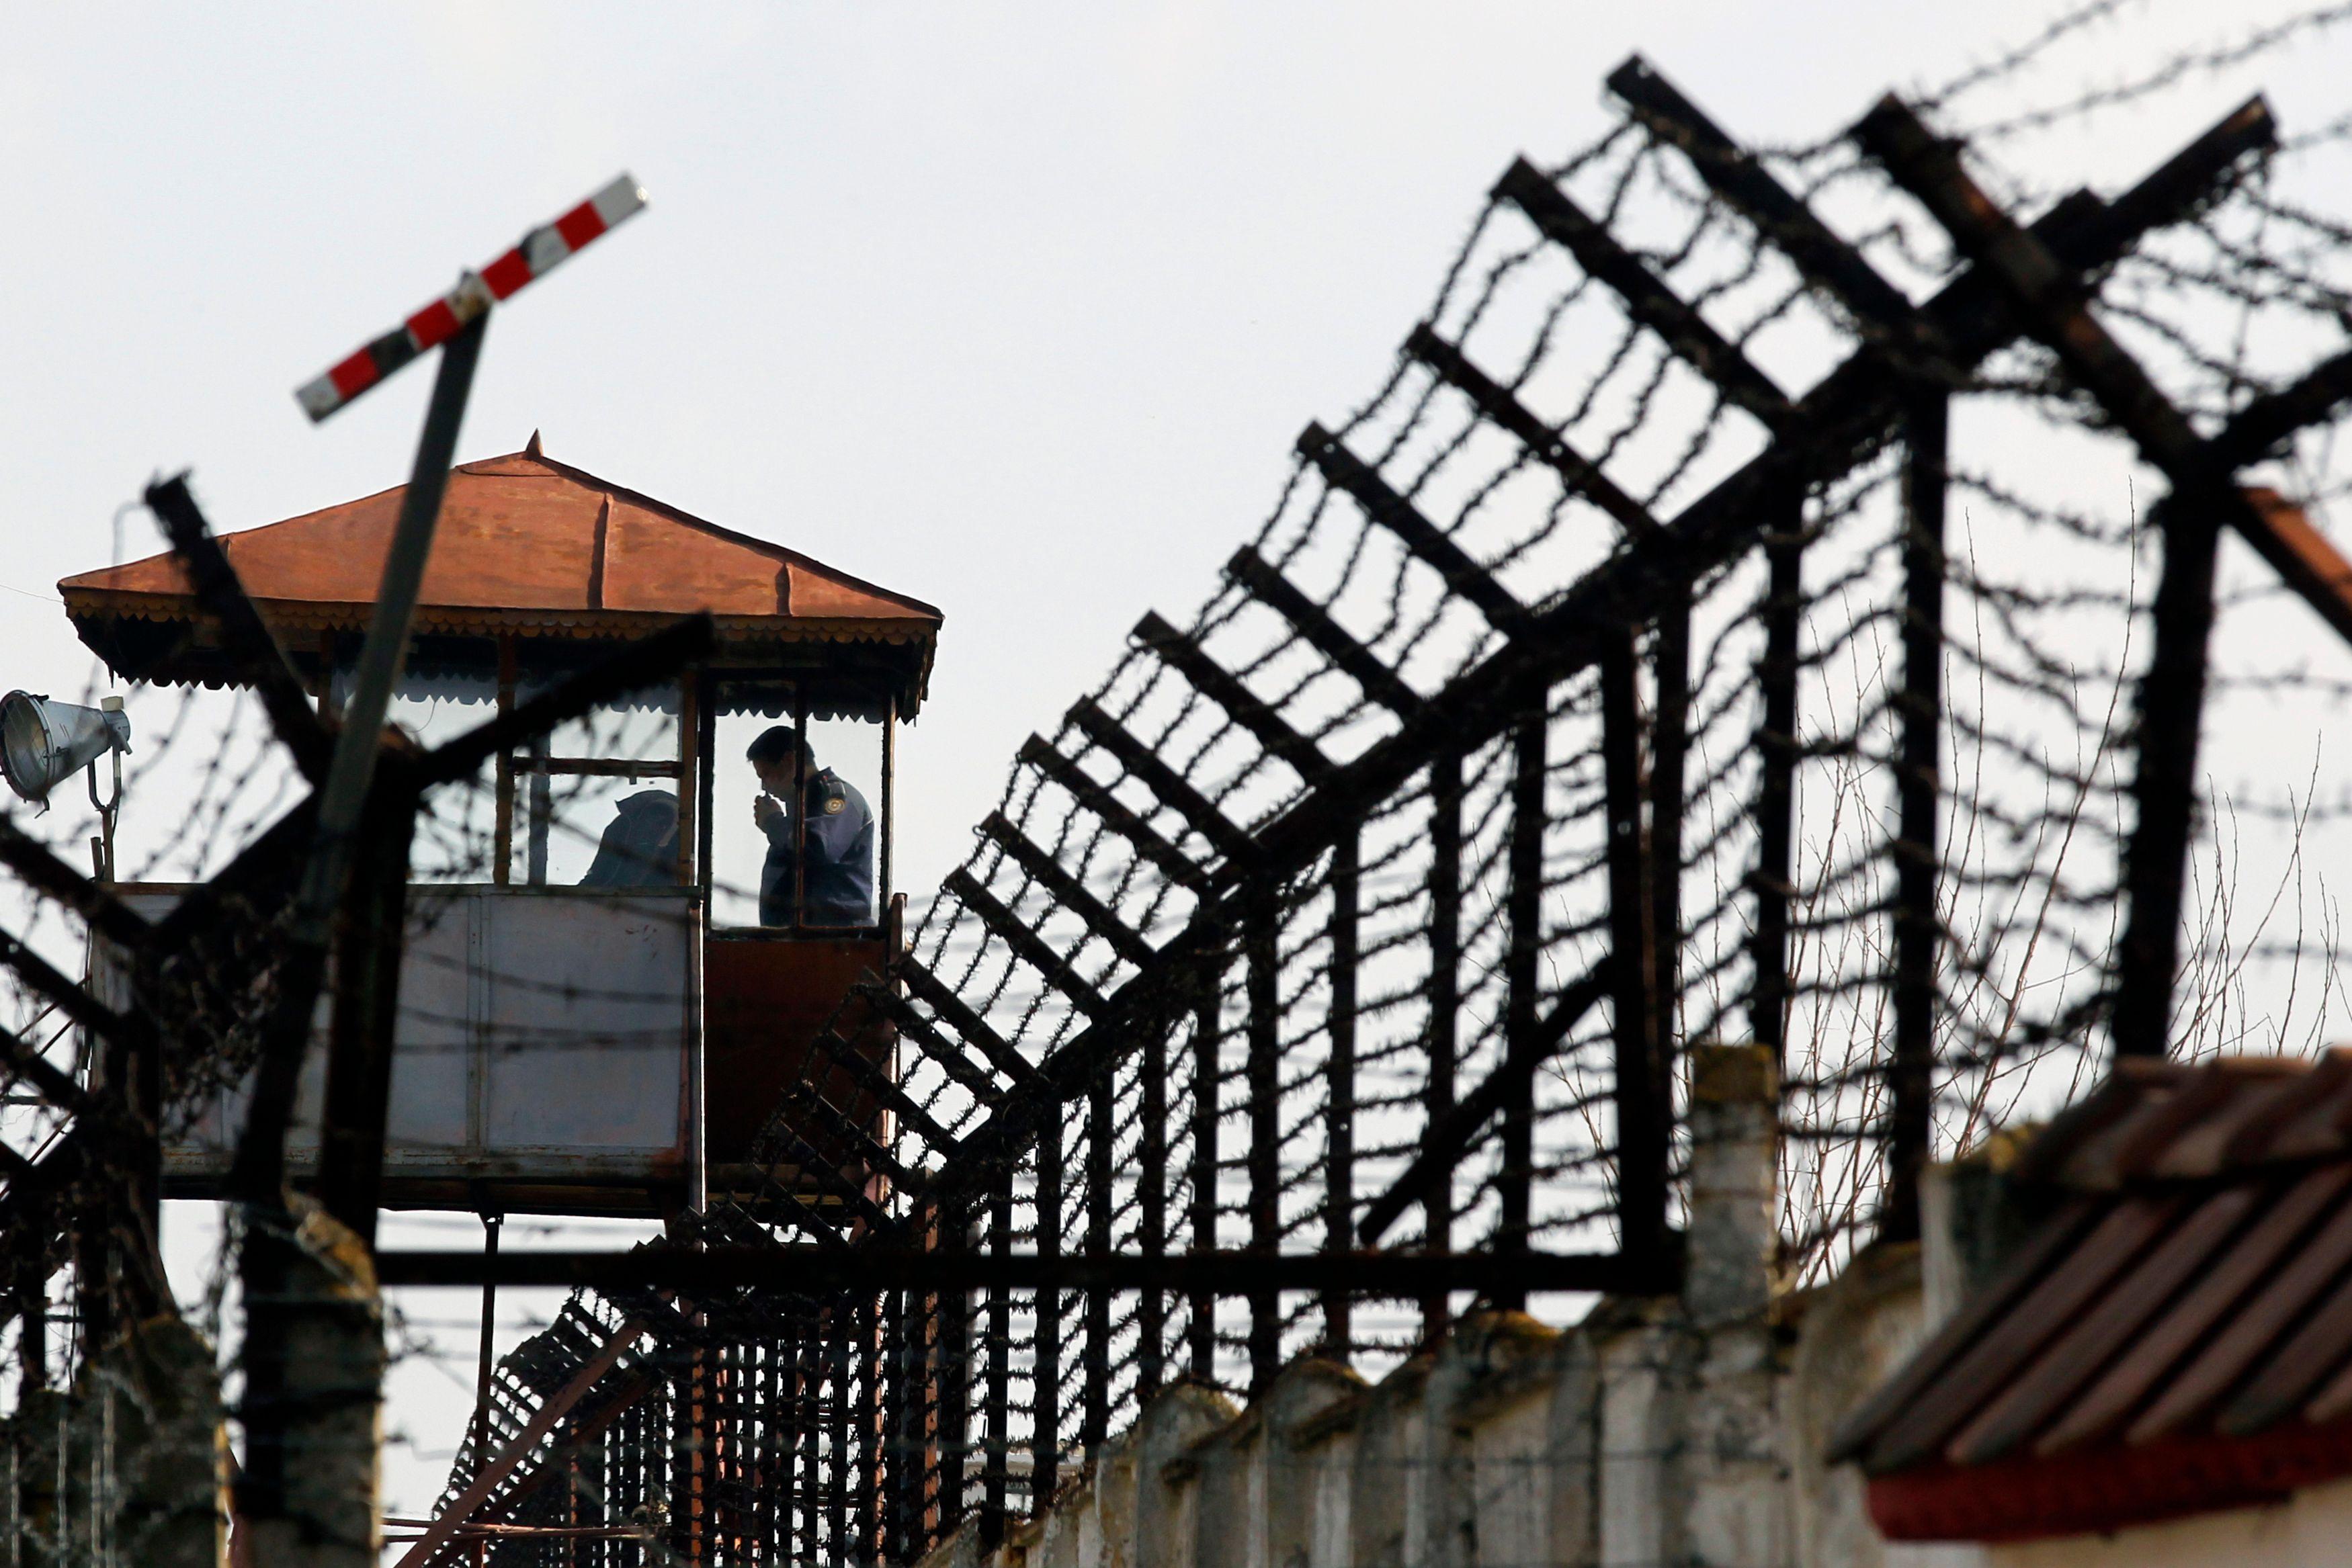 Un ex-ministre socialiste condamné à quatre mois de prison ferme pour favoritisme